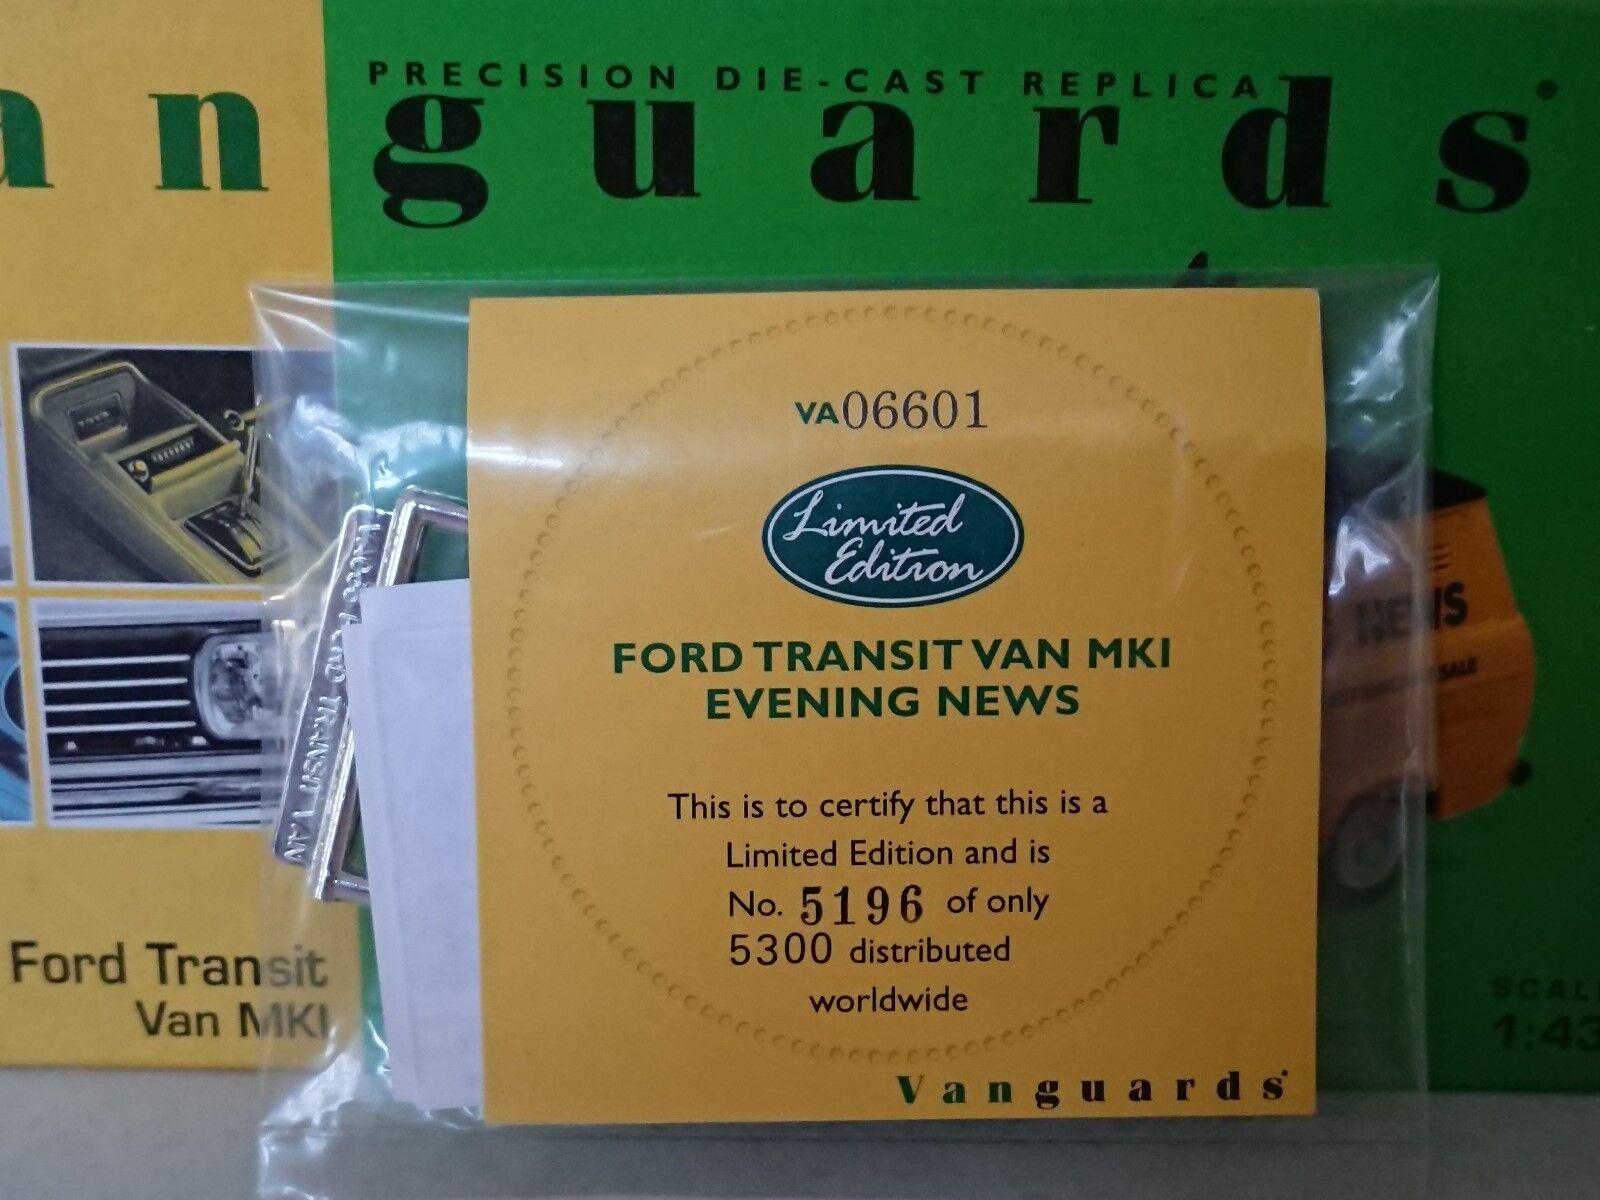 Corgi Corgi Corgi VA06601 Evening News Ford Transit Van MkI Ltd Ed No. 5196 of 5300 ea12c8